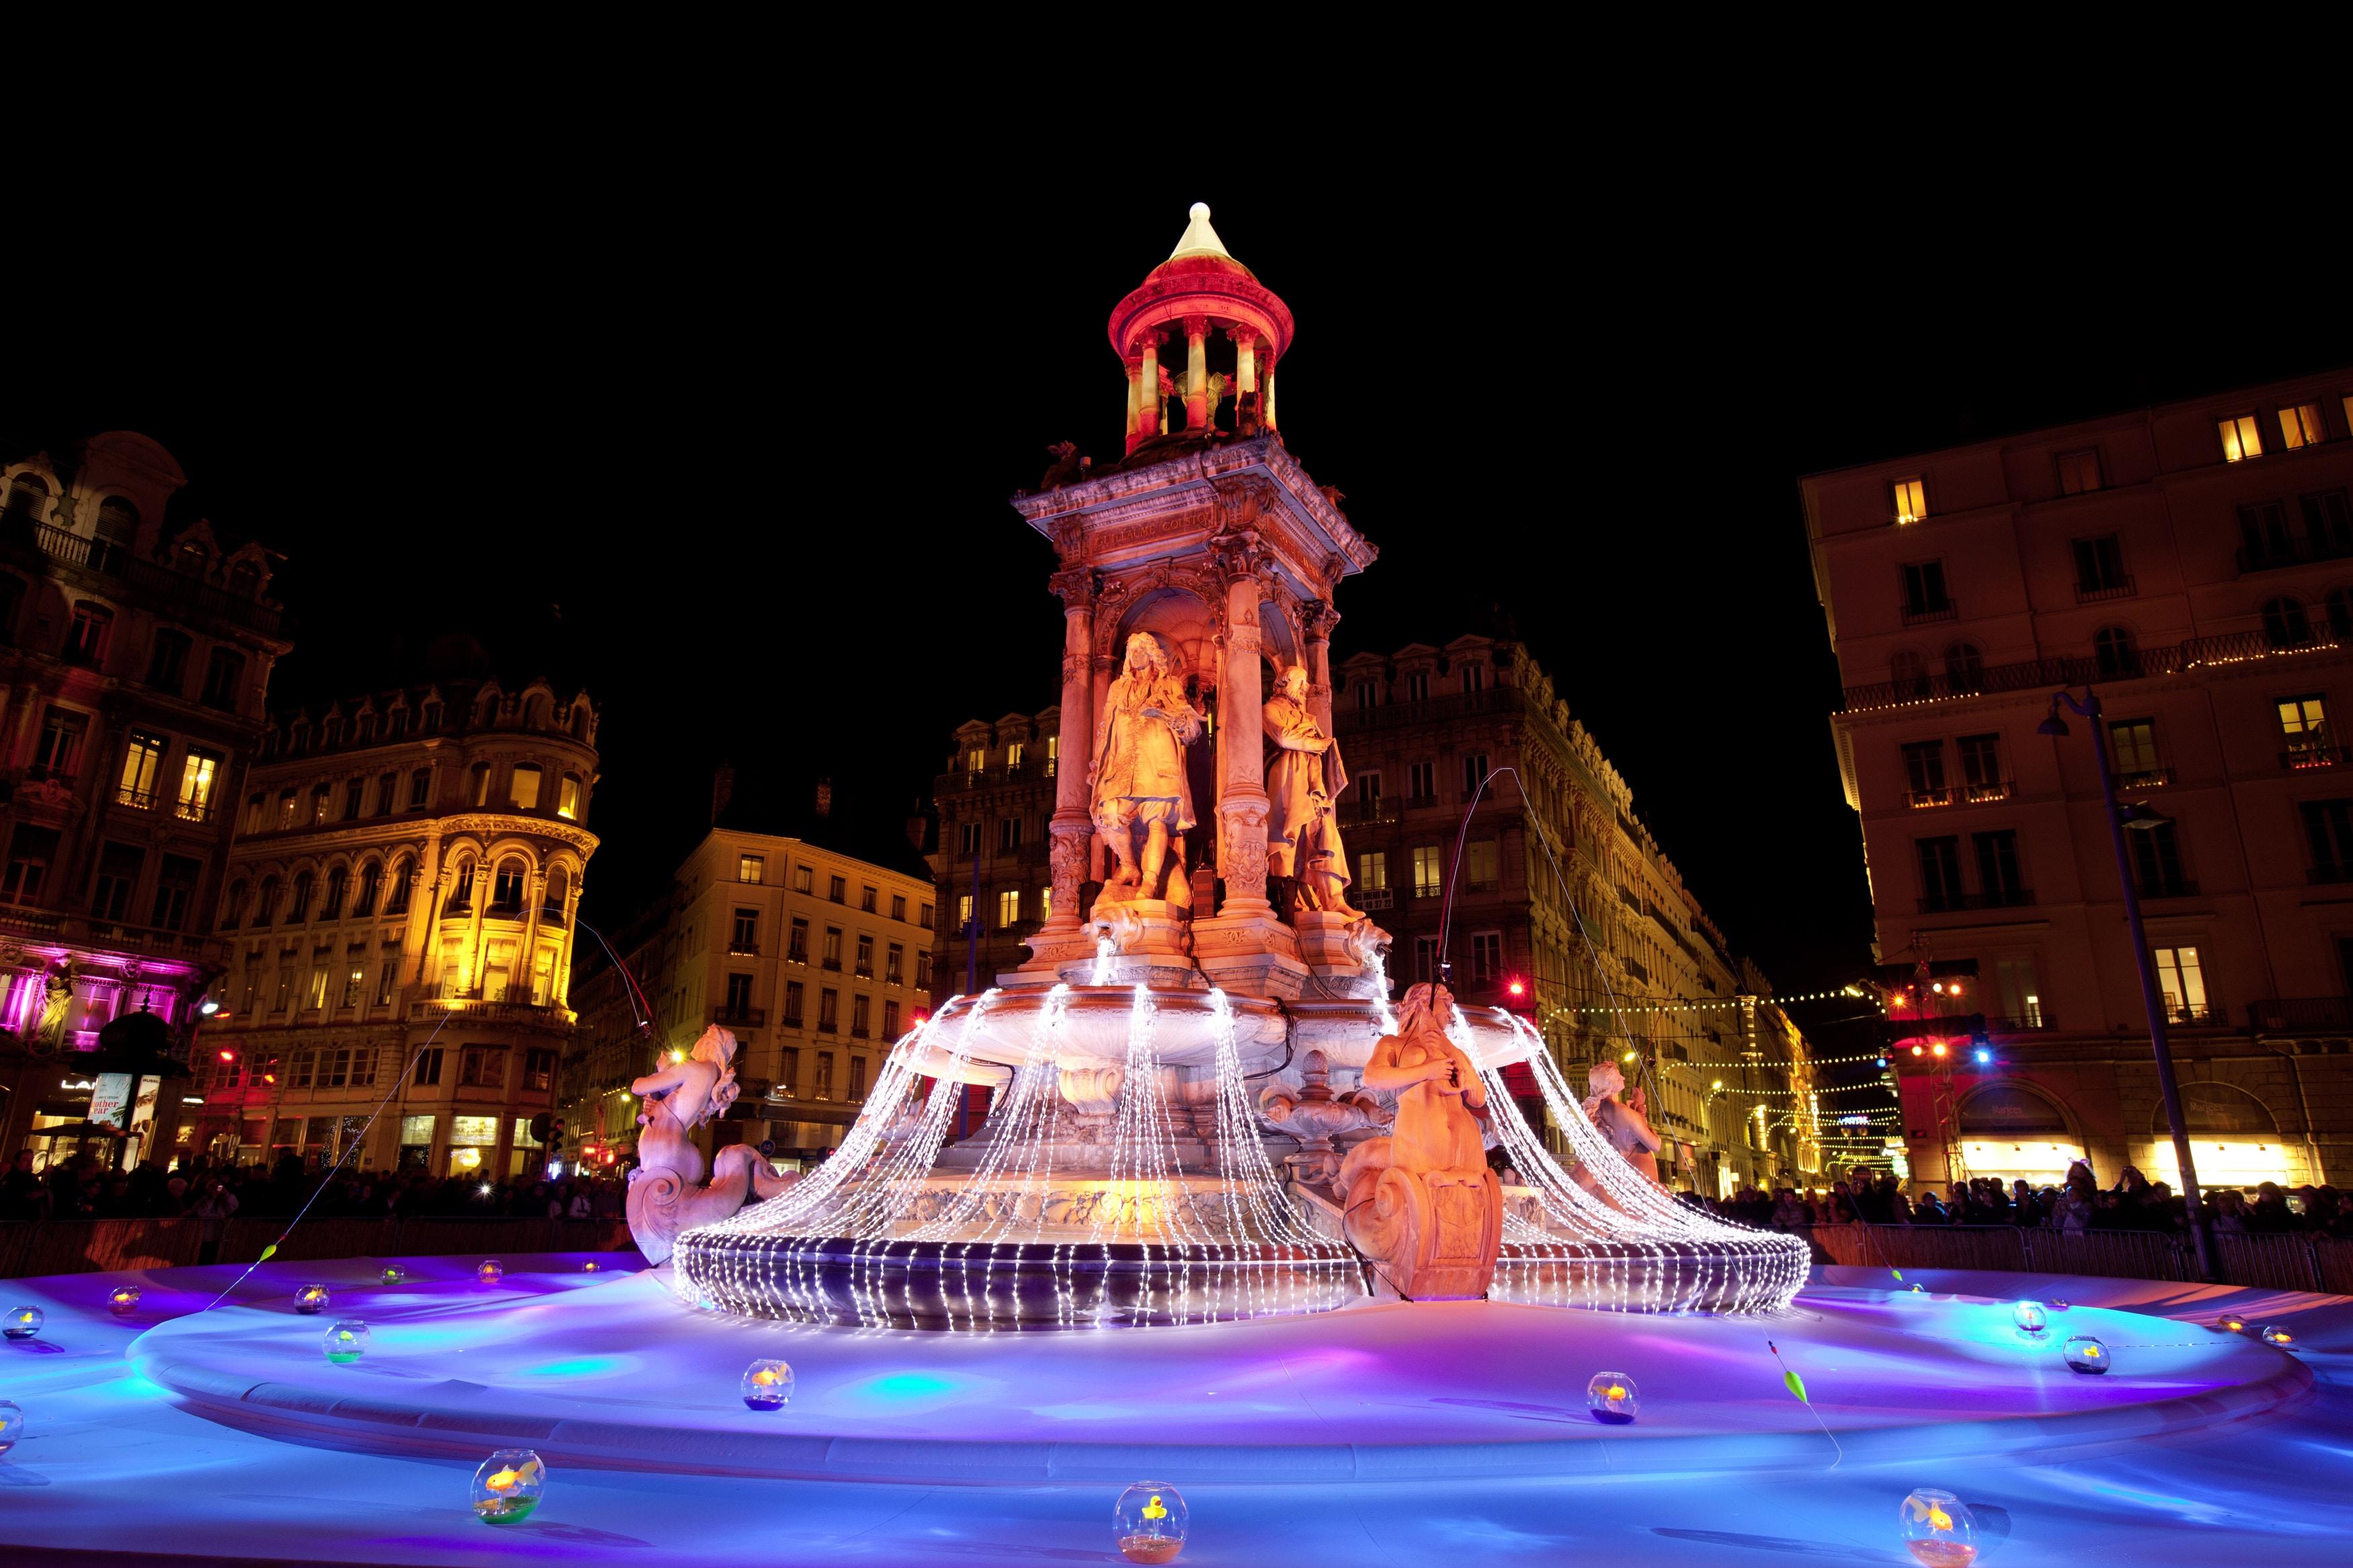 Poate că nu e vorba de Festivalul luminilor, dar această fântână din Lyon este incredibil de frumos iluminată